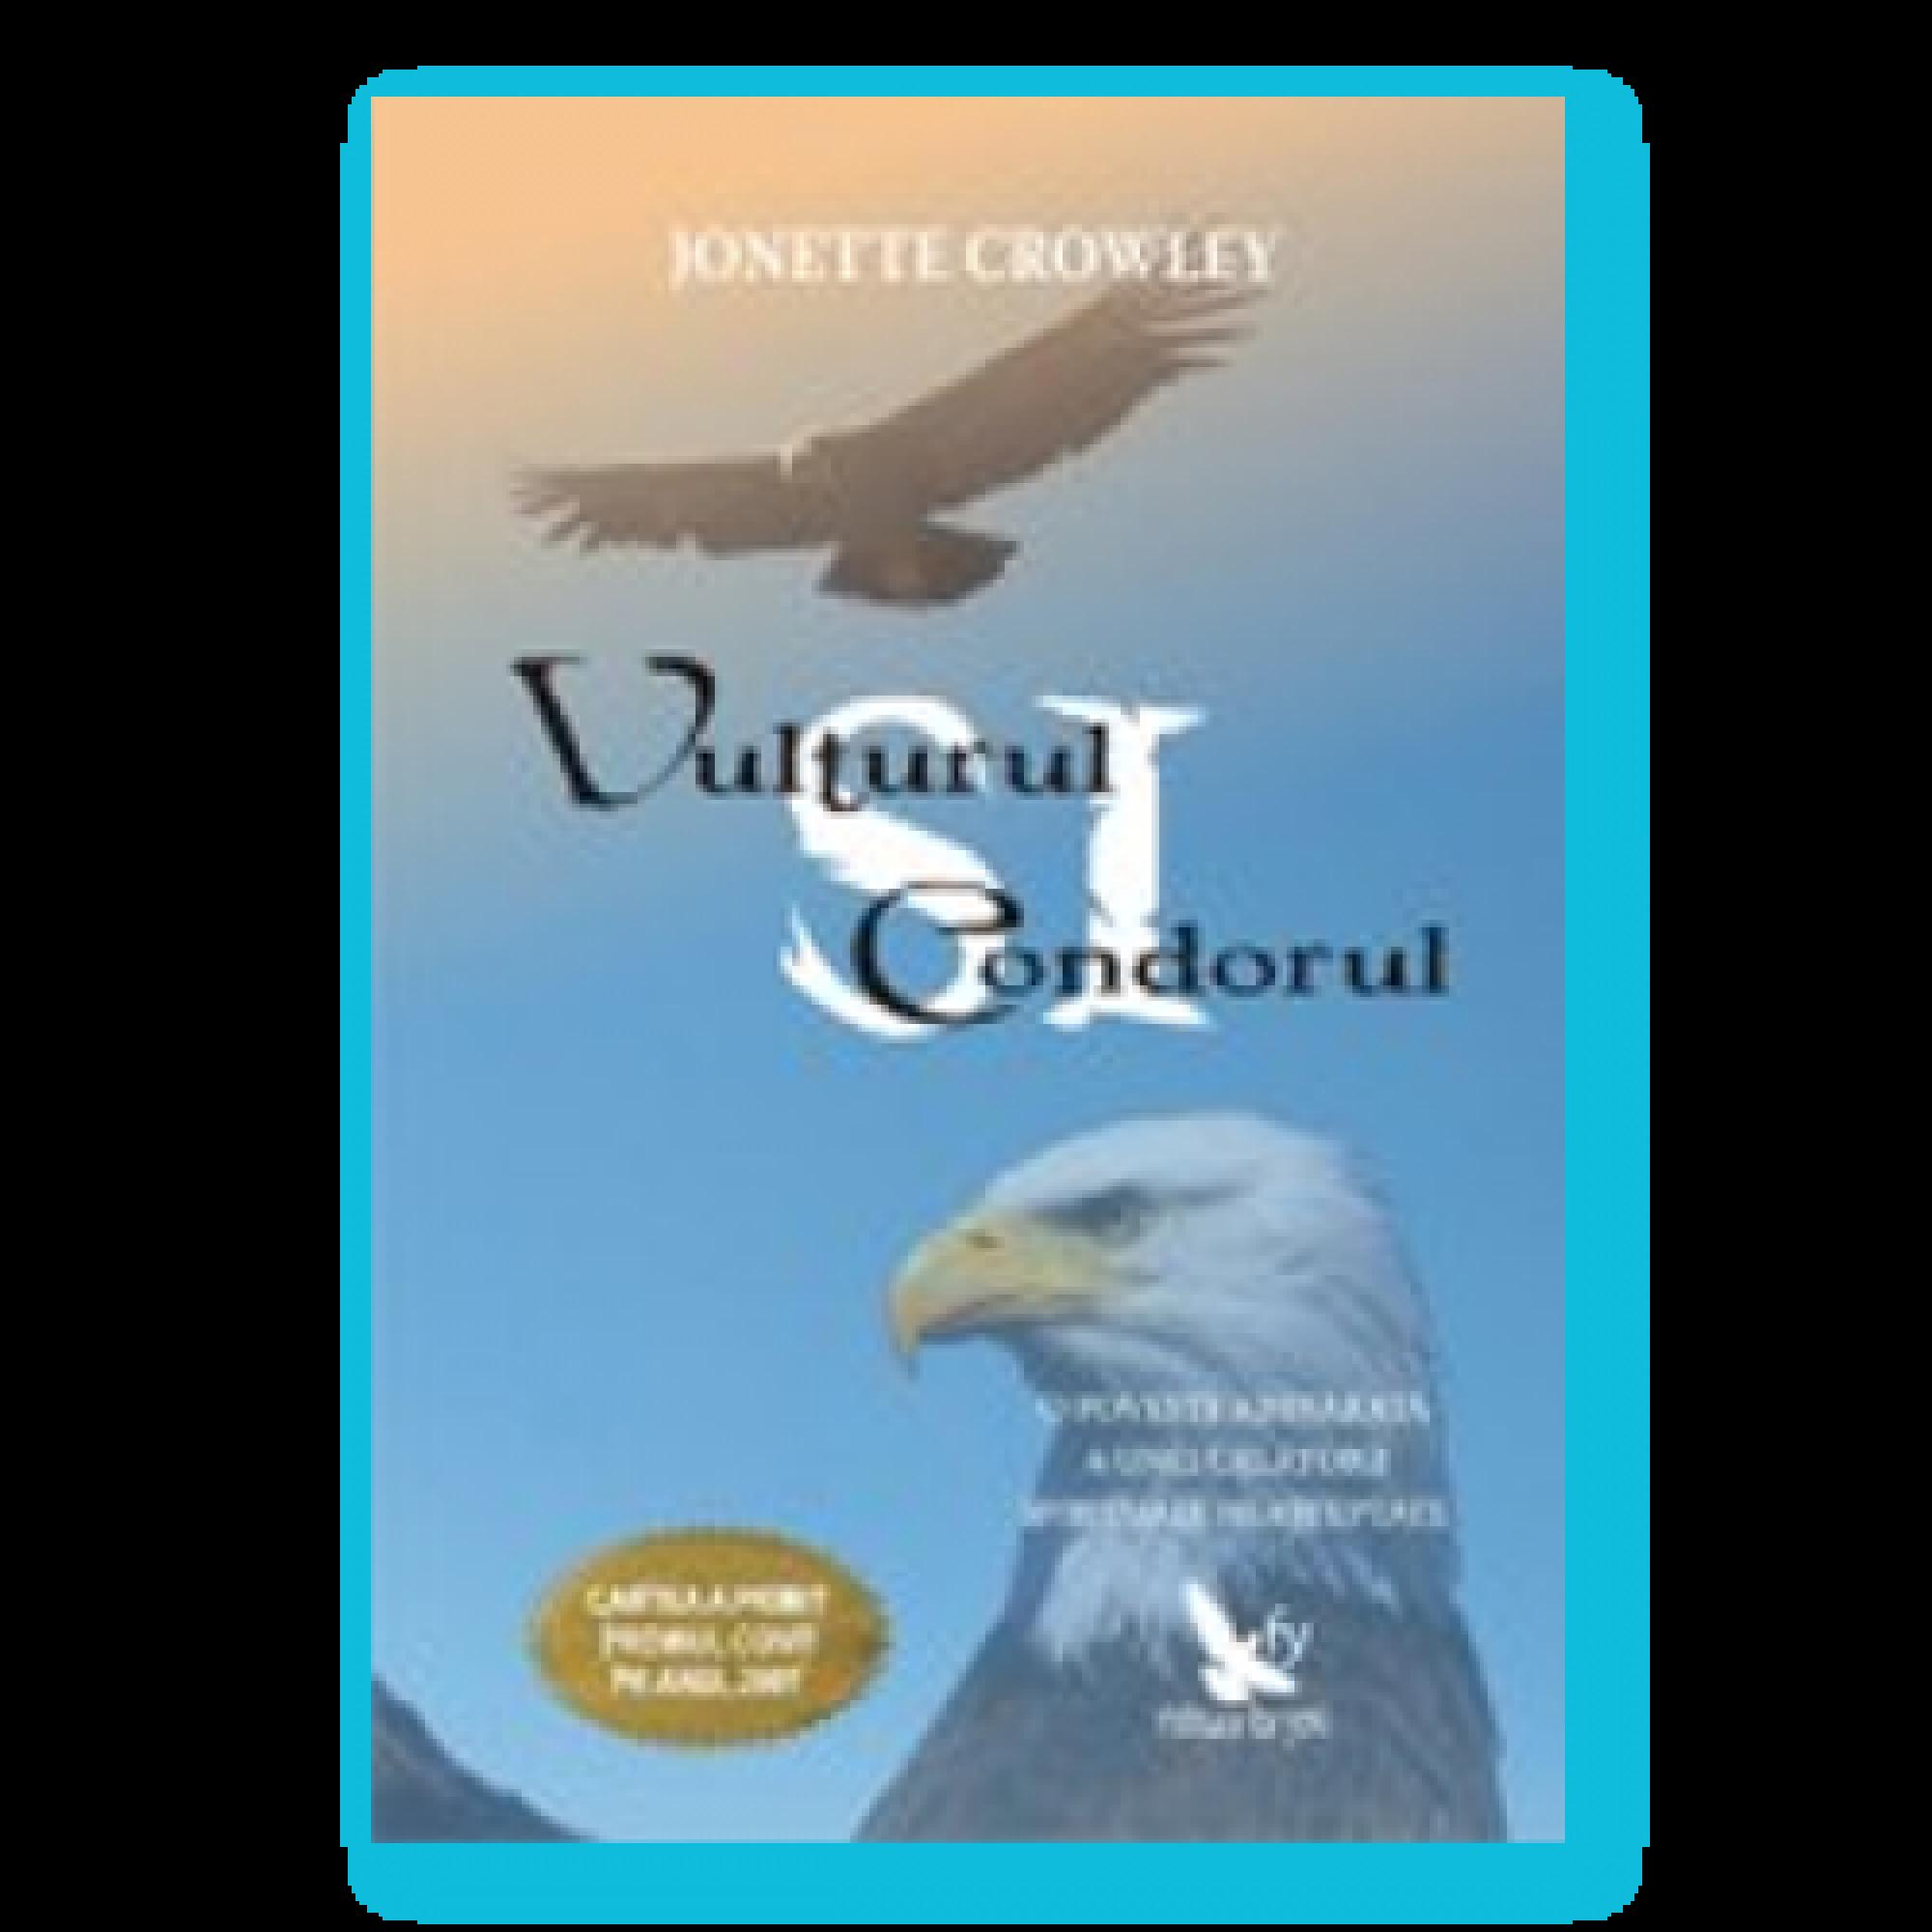 Vulturul și condorul